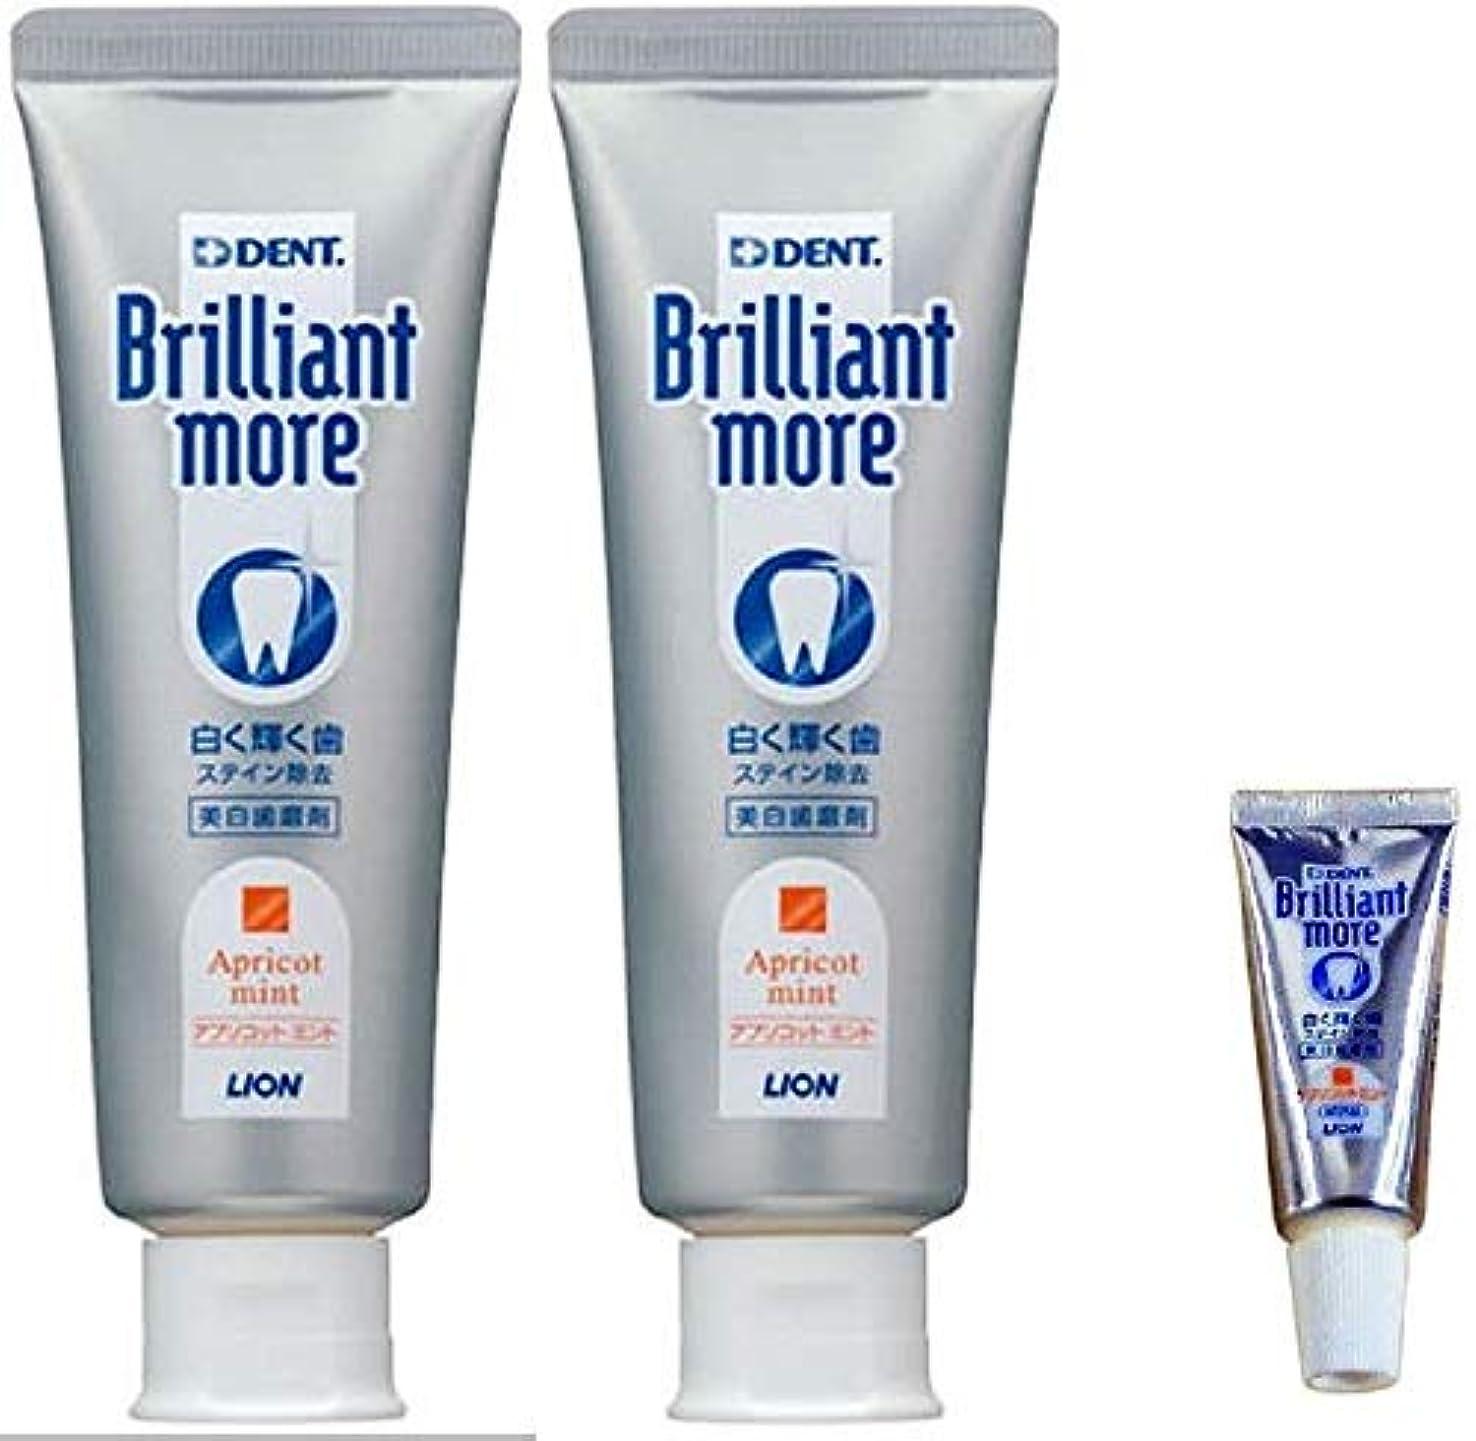 迫害任意被るライオン ブリリアントモア アプリコットミント 歯科用 美白歯磨剤 90g×2本 (試供品 20g×1本付き)期間限定